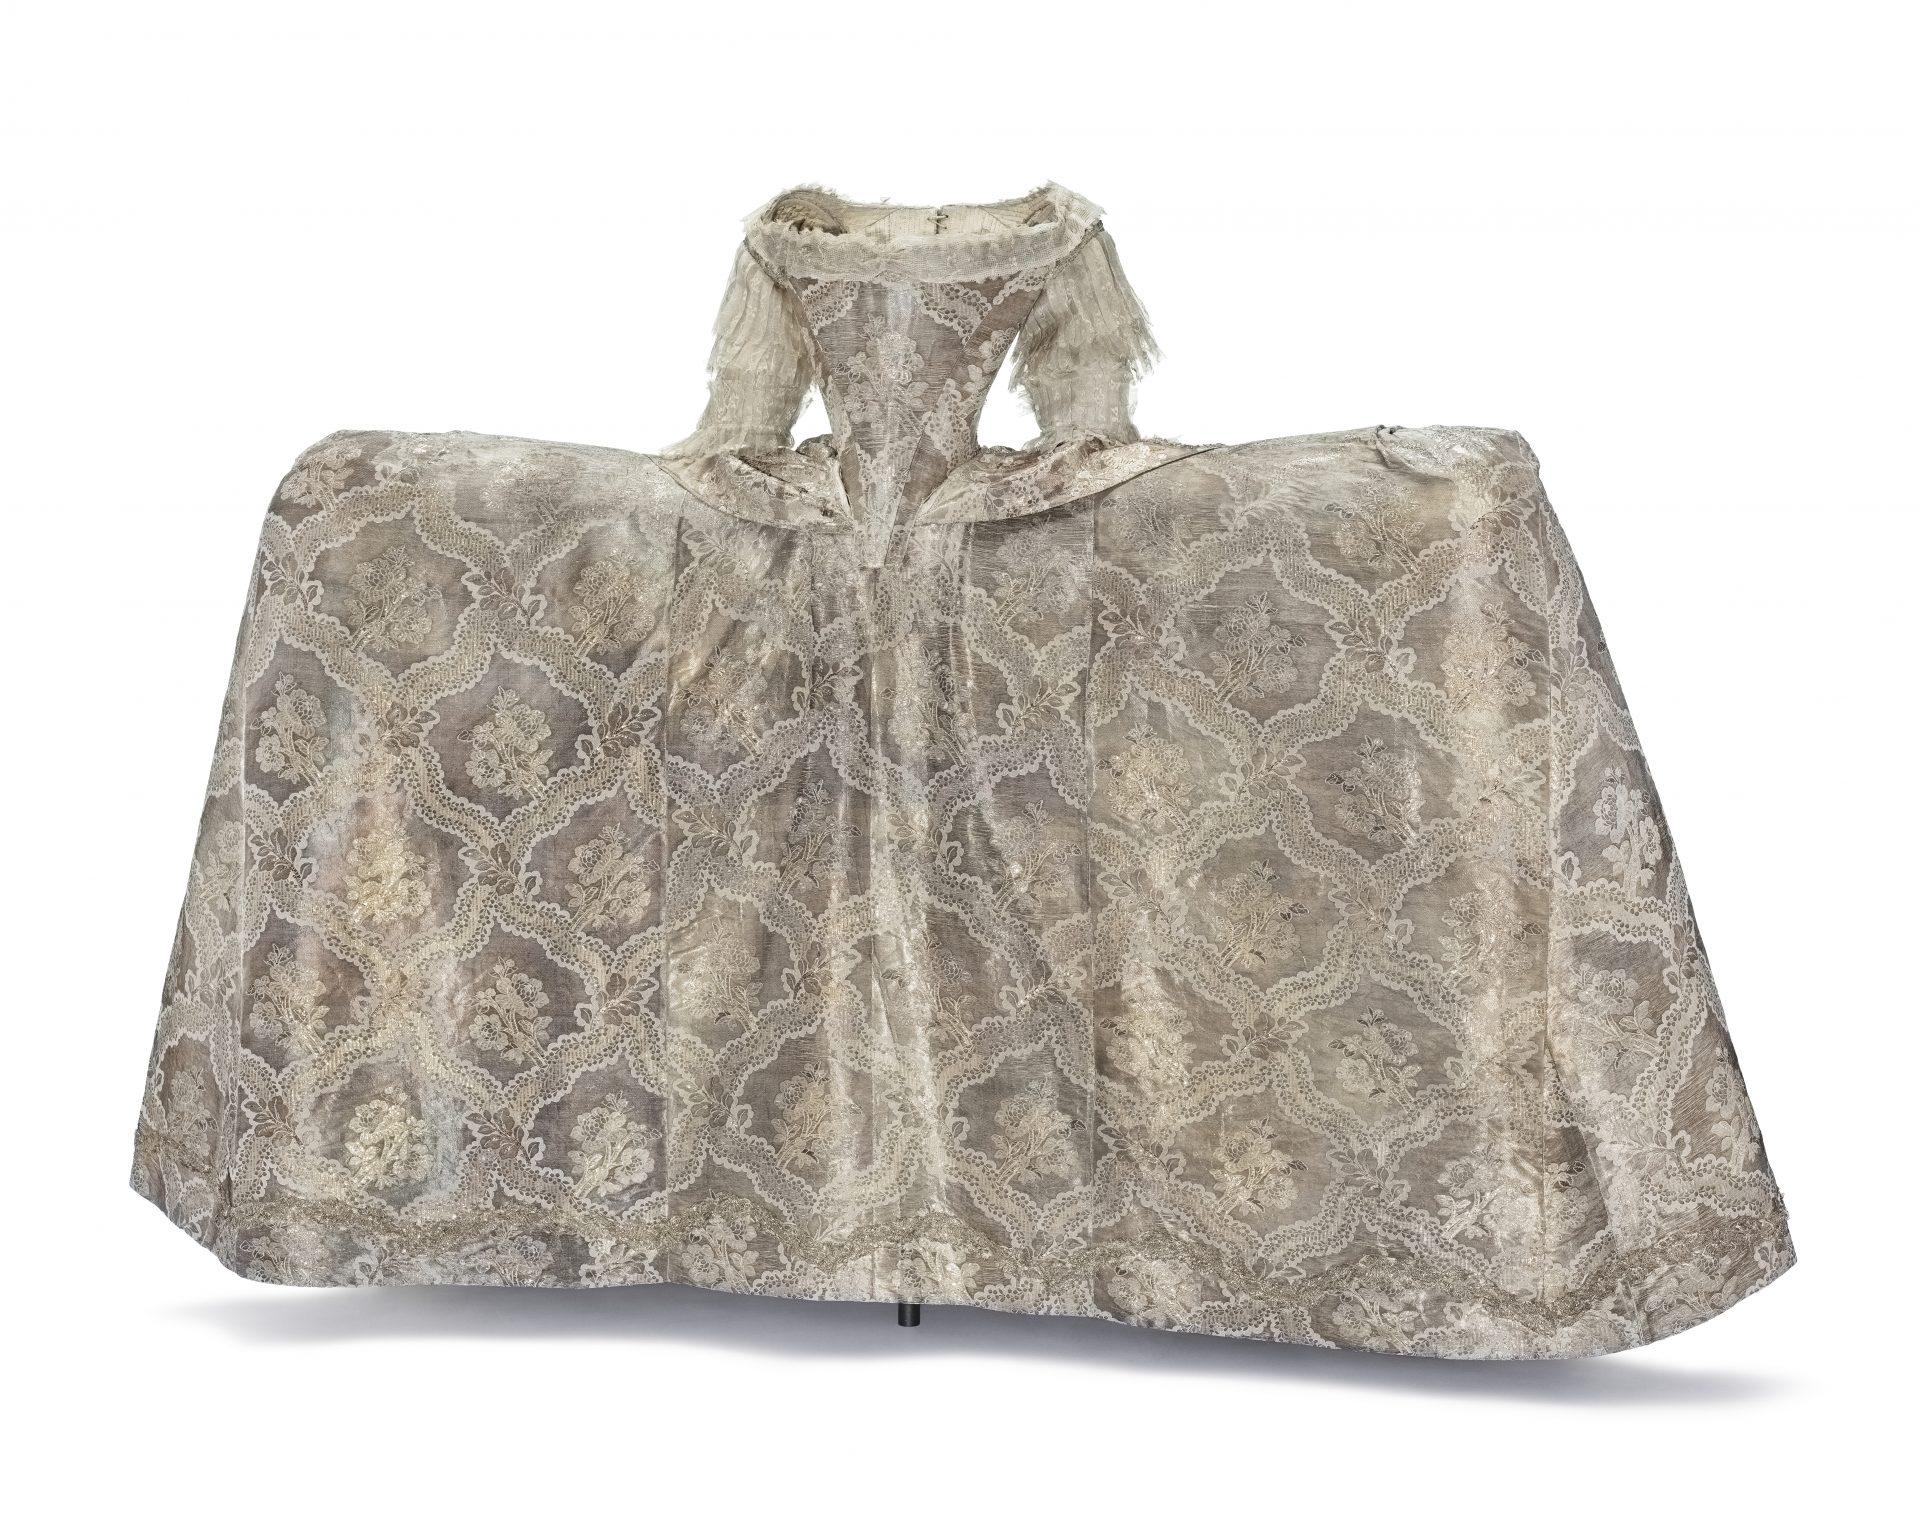 En klänning av silvertyg